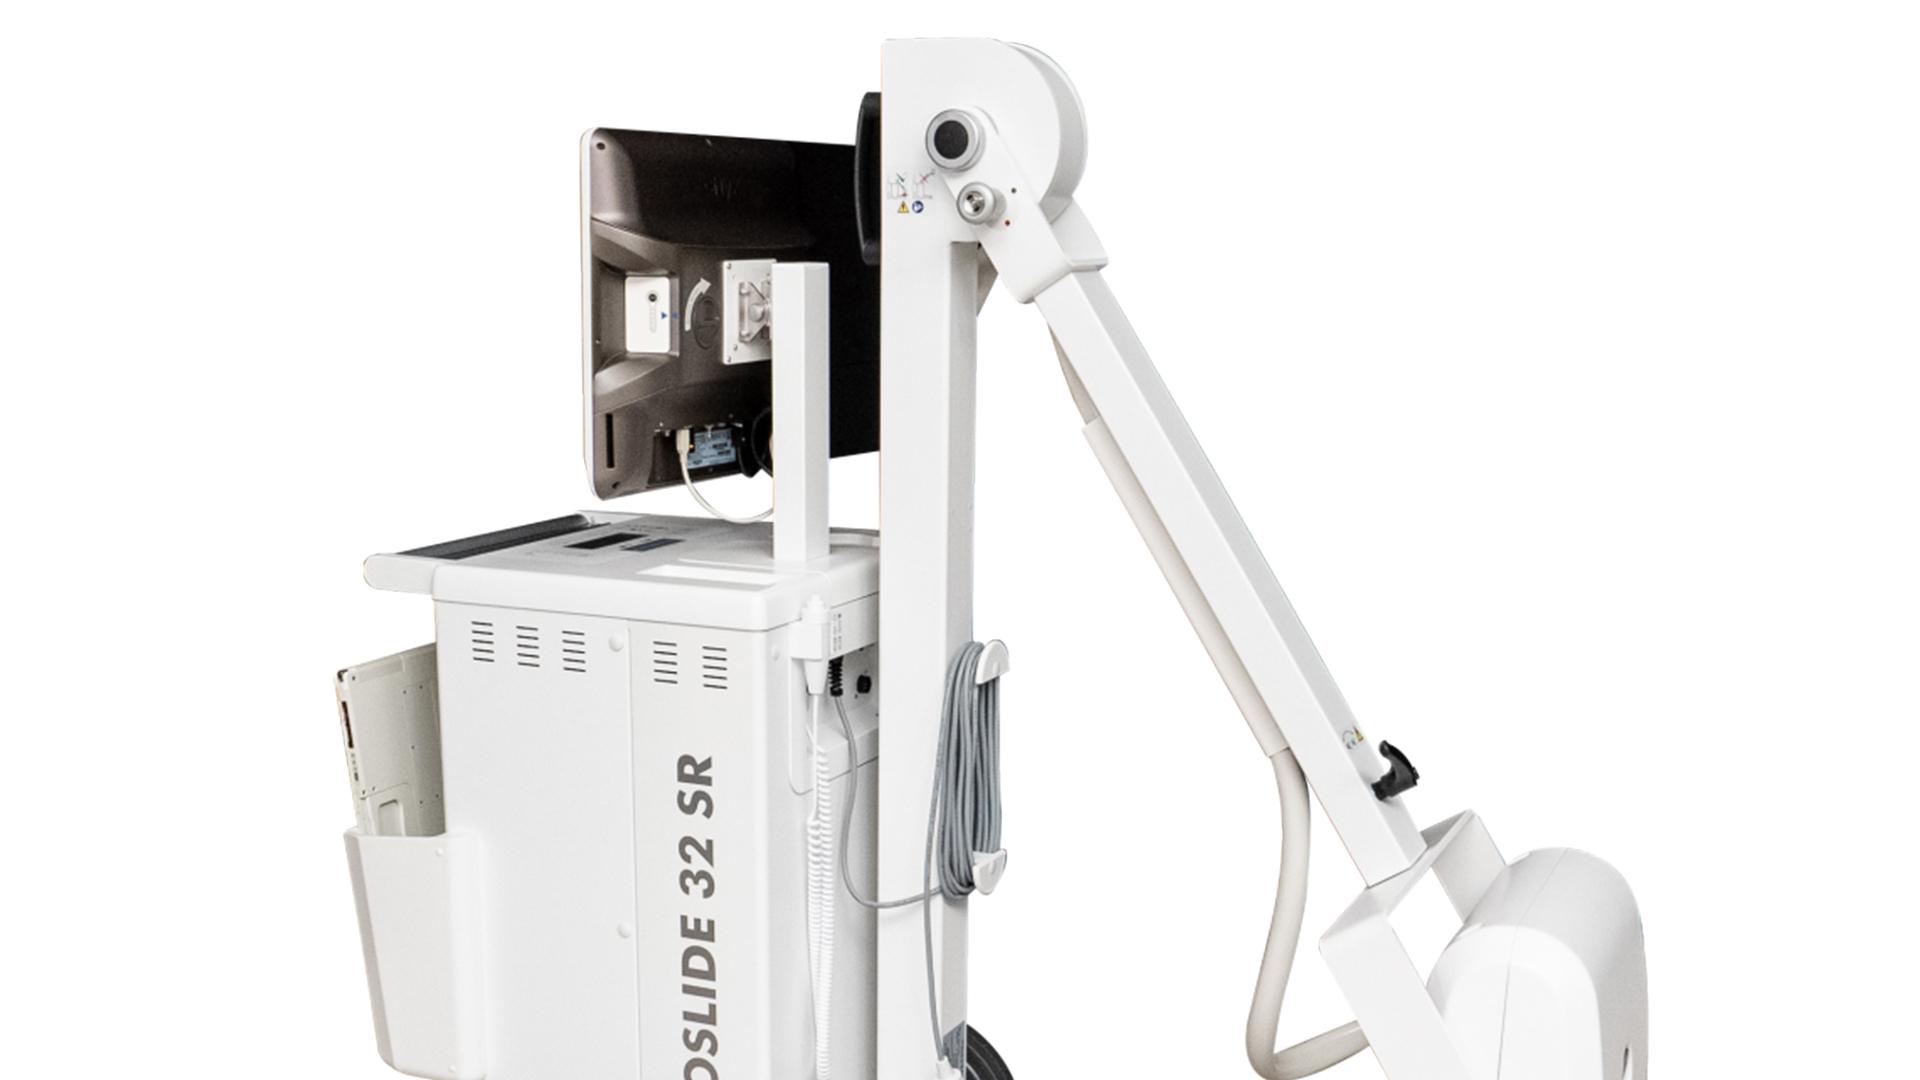 Röntgentechnik mobil: protec PROSLIDE 32 SR